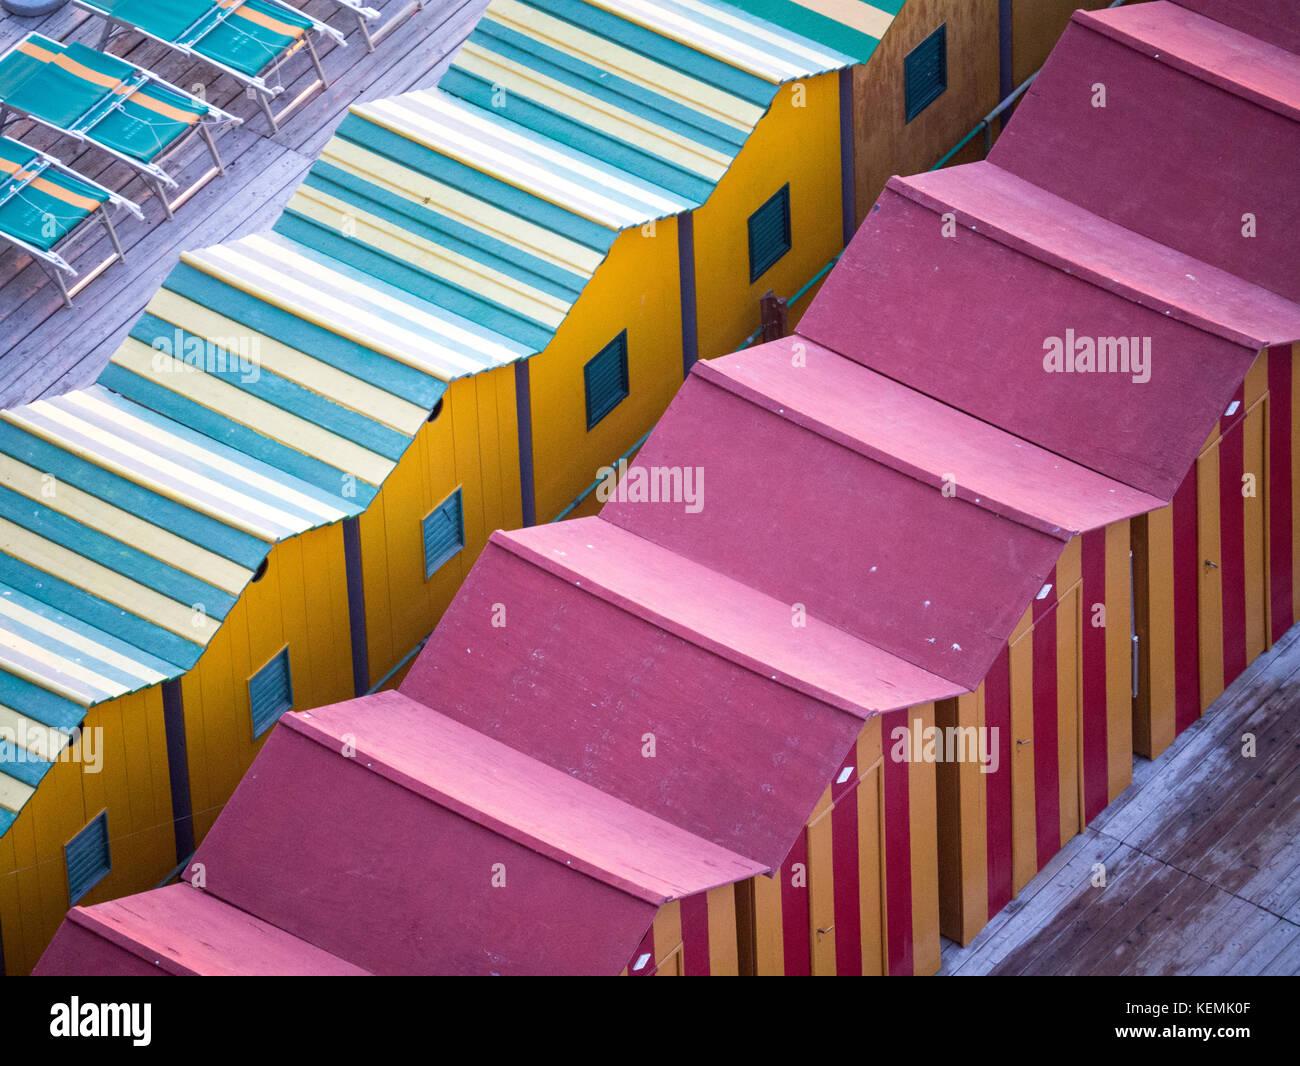 Beach huts in Sorrento, Italy Stock Photo